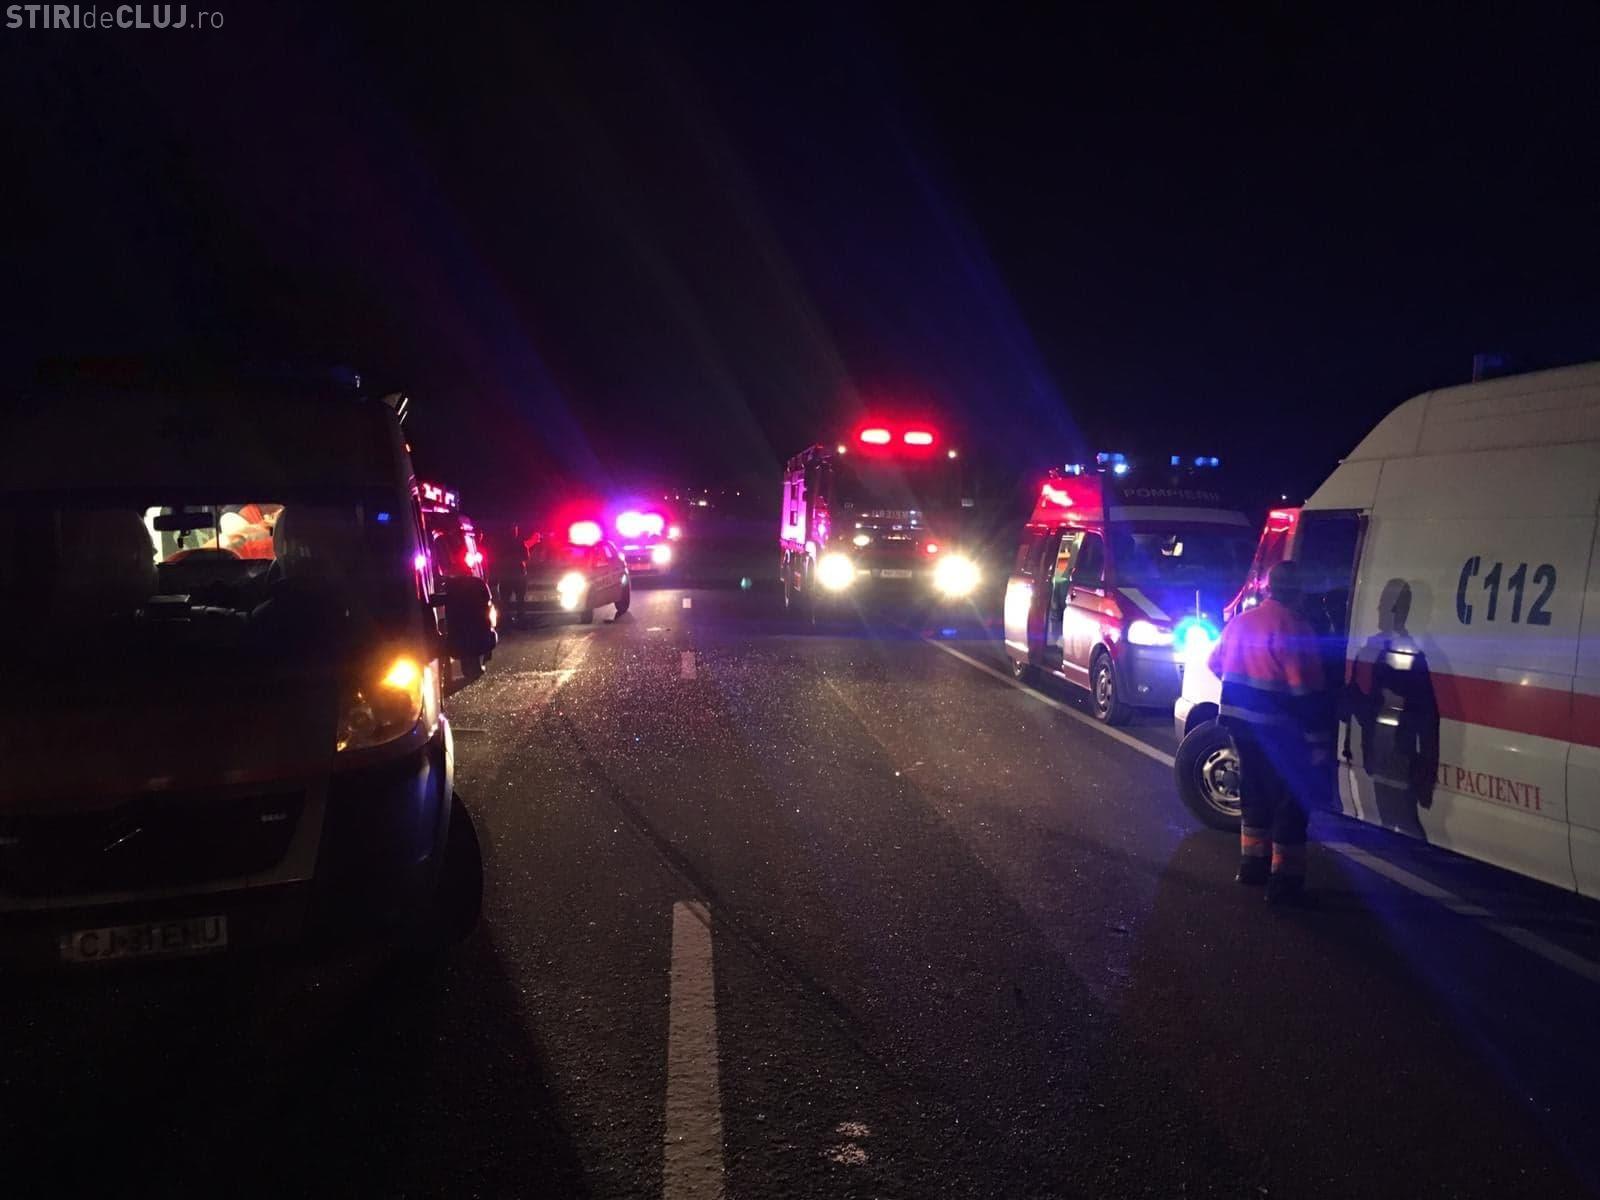 Șoferul care a cauzat accidentul de pe drumul Cluj-Gherla s-a SINUCIS. A fost găsit spânzurat